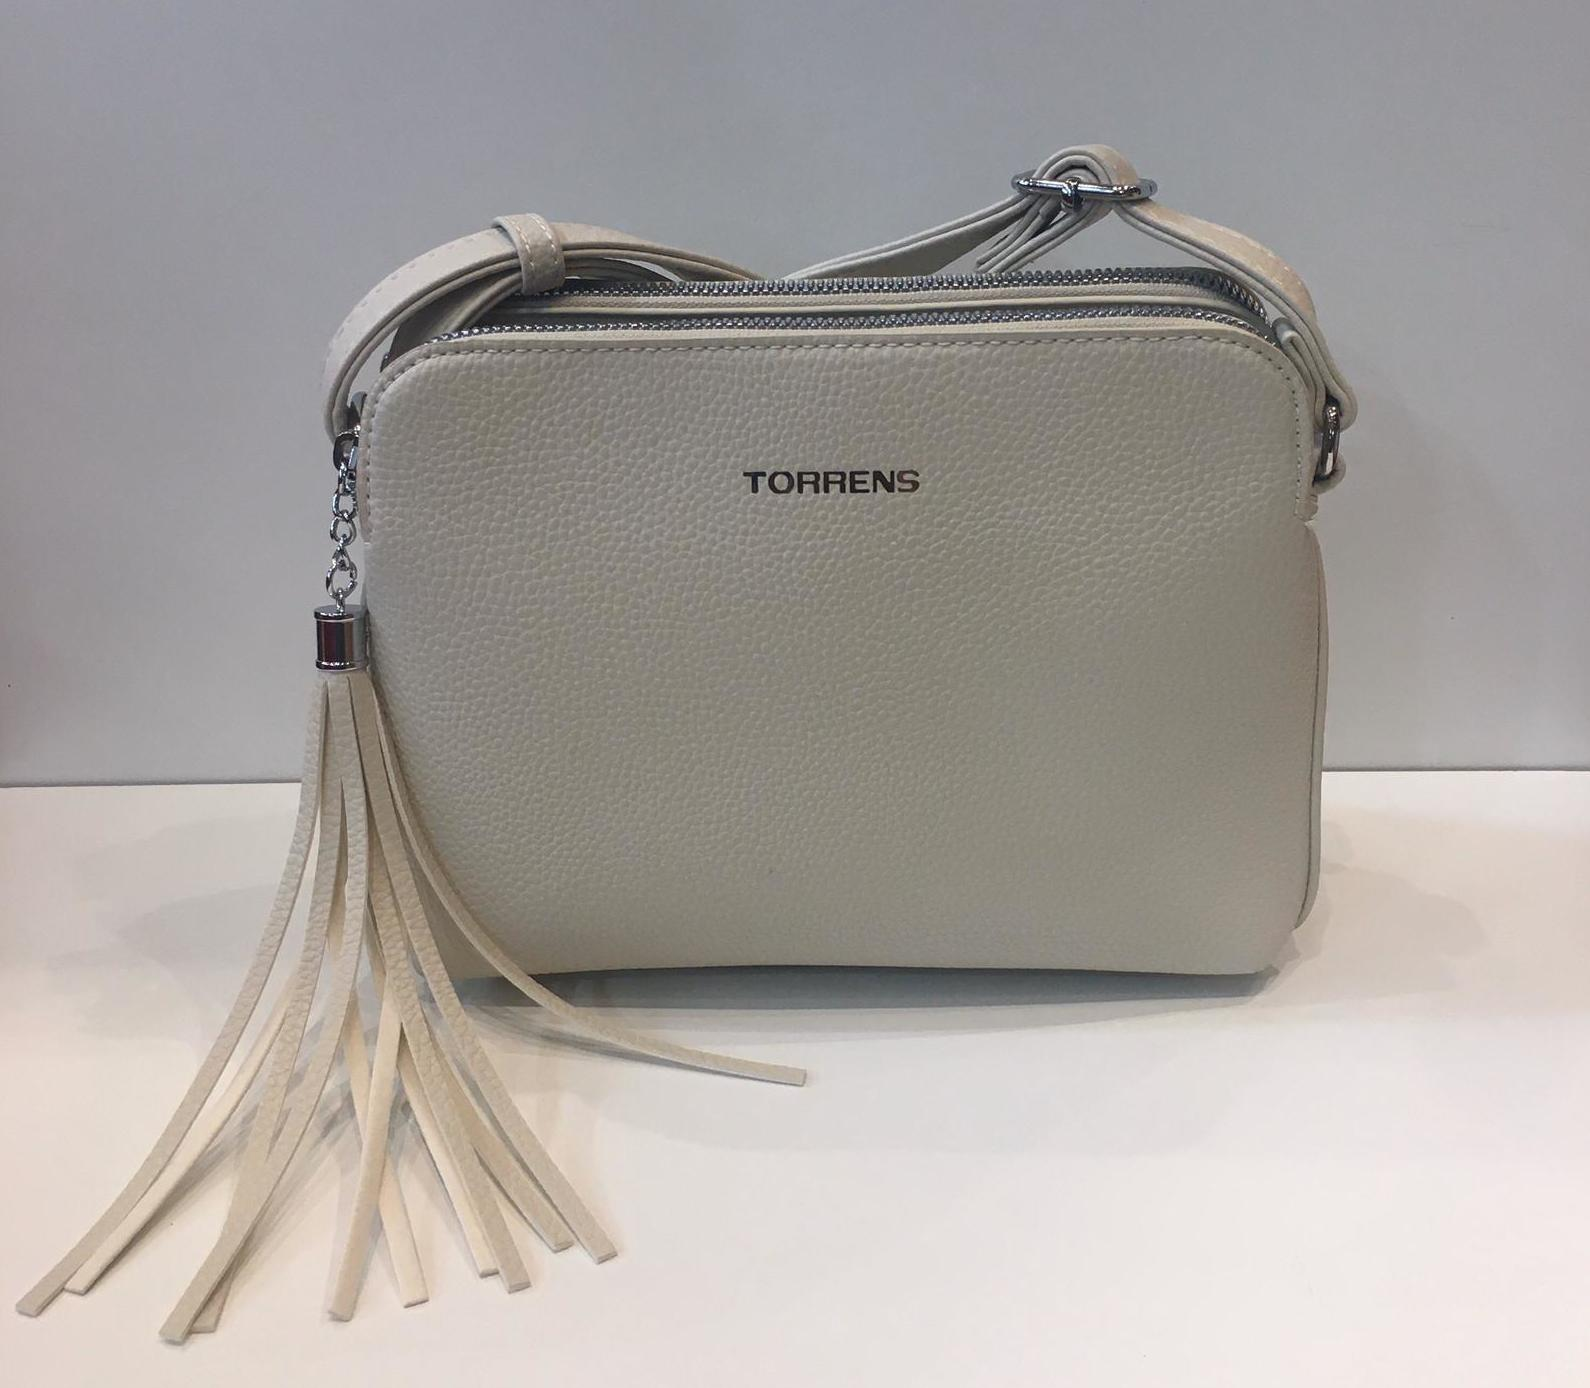 Bossa de la marca Torrens, amb tira llarga adaptable a totes les mides 32.50€ — a La Bisbal.